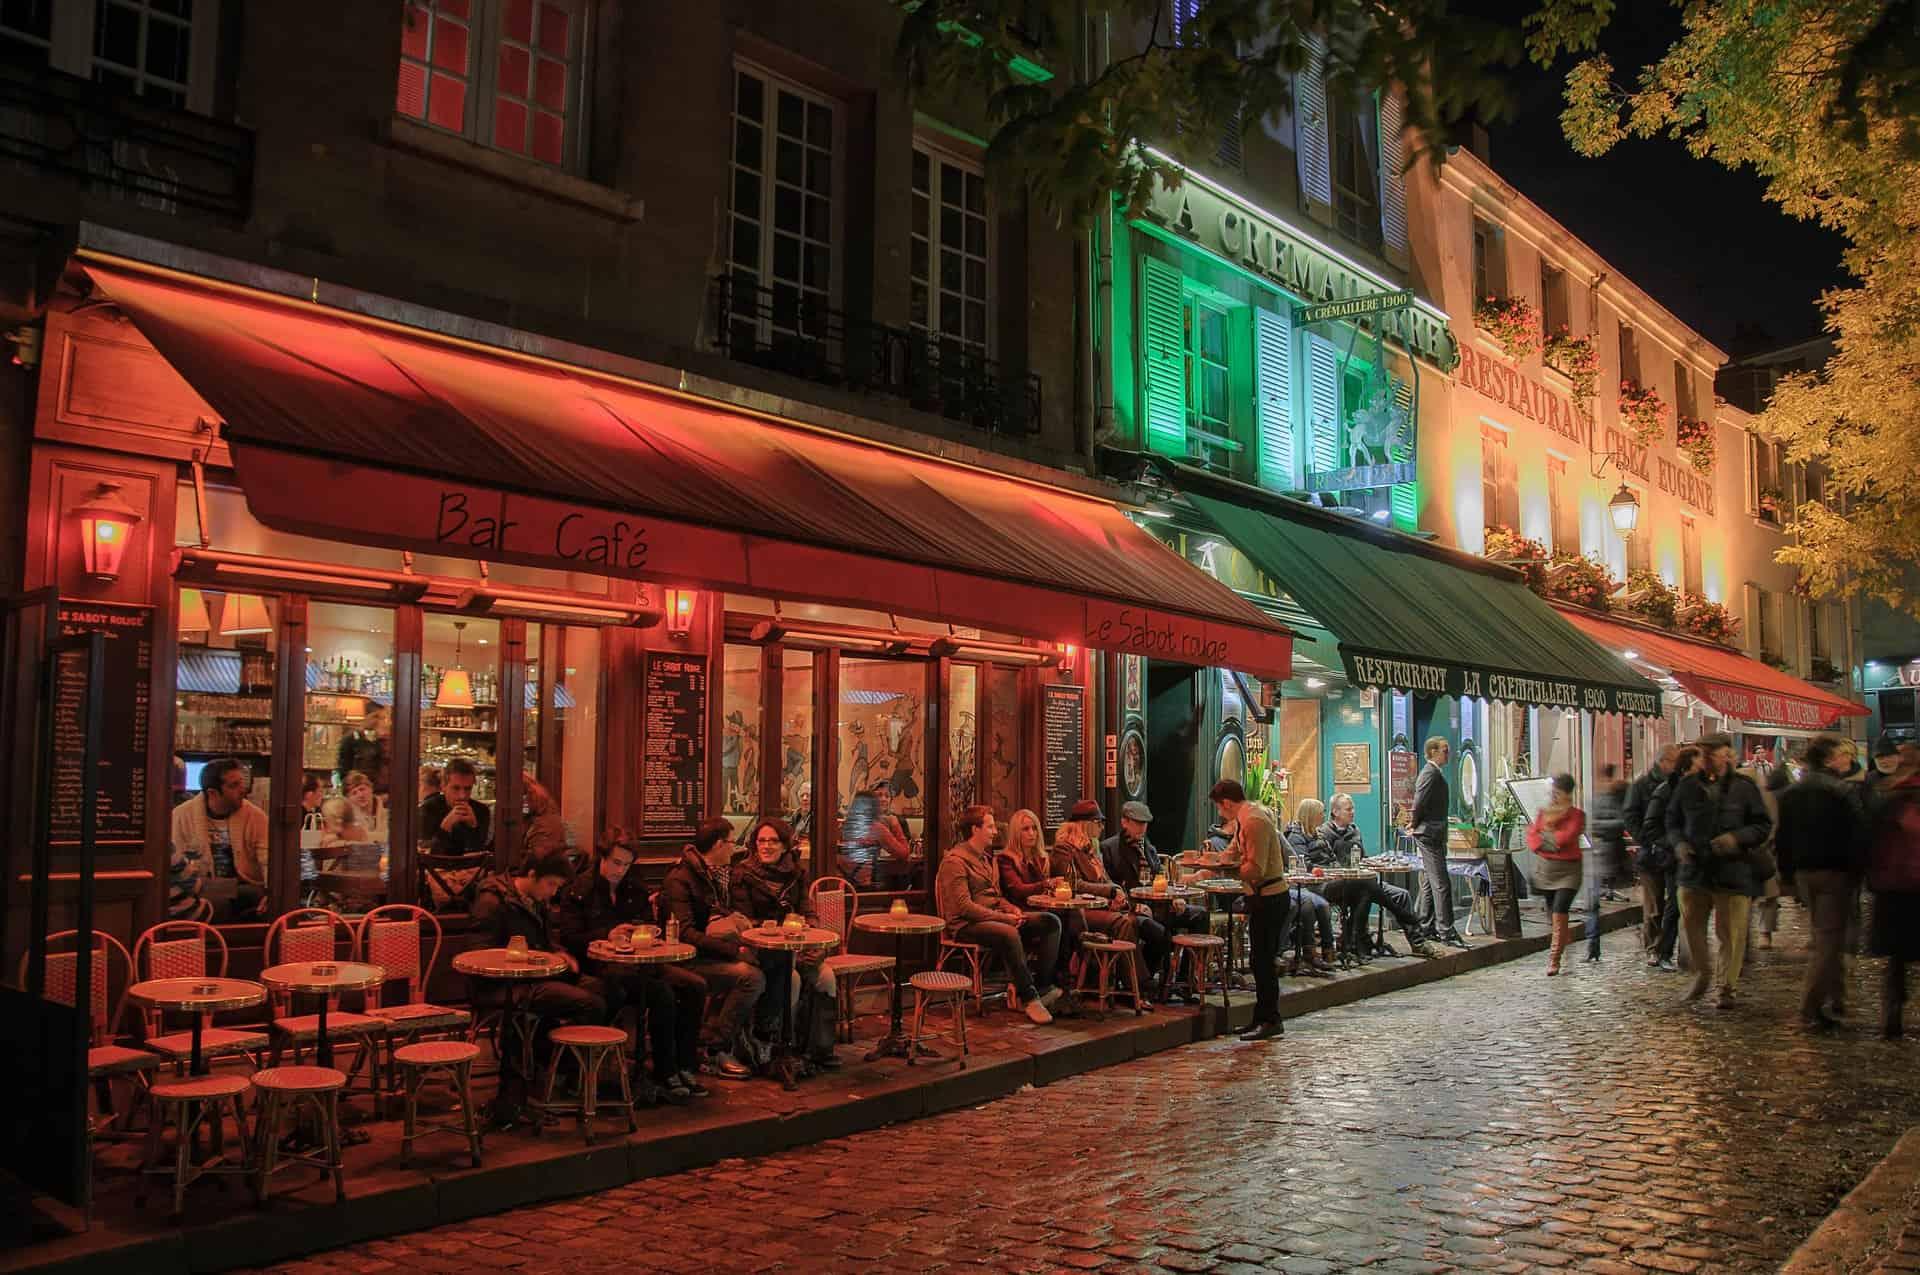 Städtereise romanitsch in Frankreich verbringen